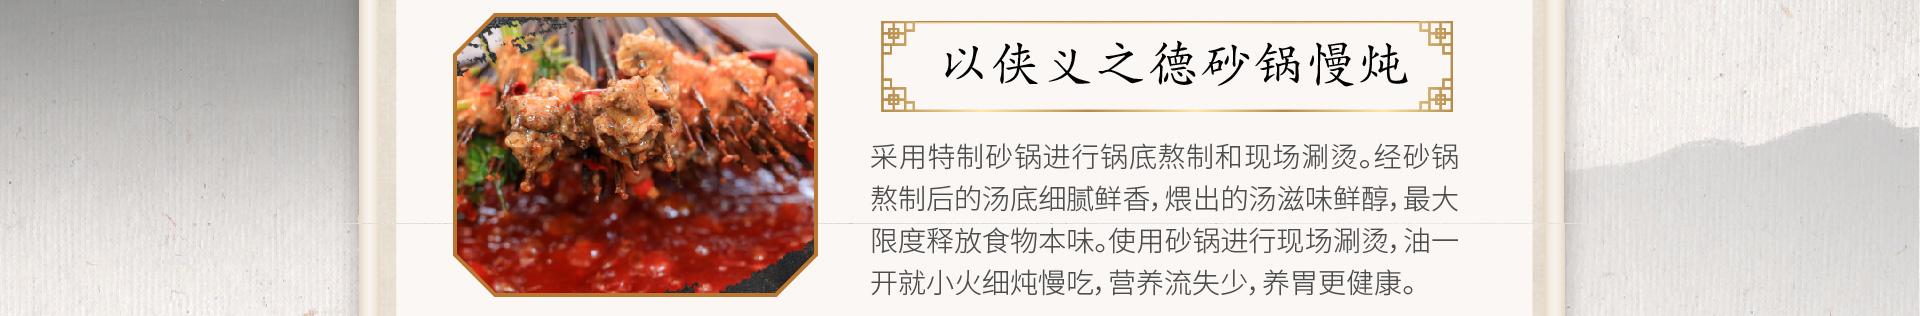 串大侠串串火锅cdx_06